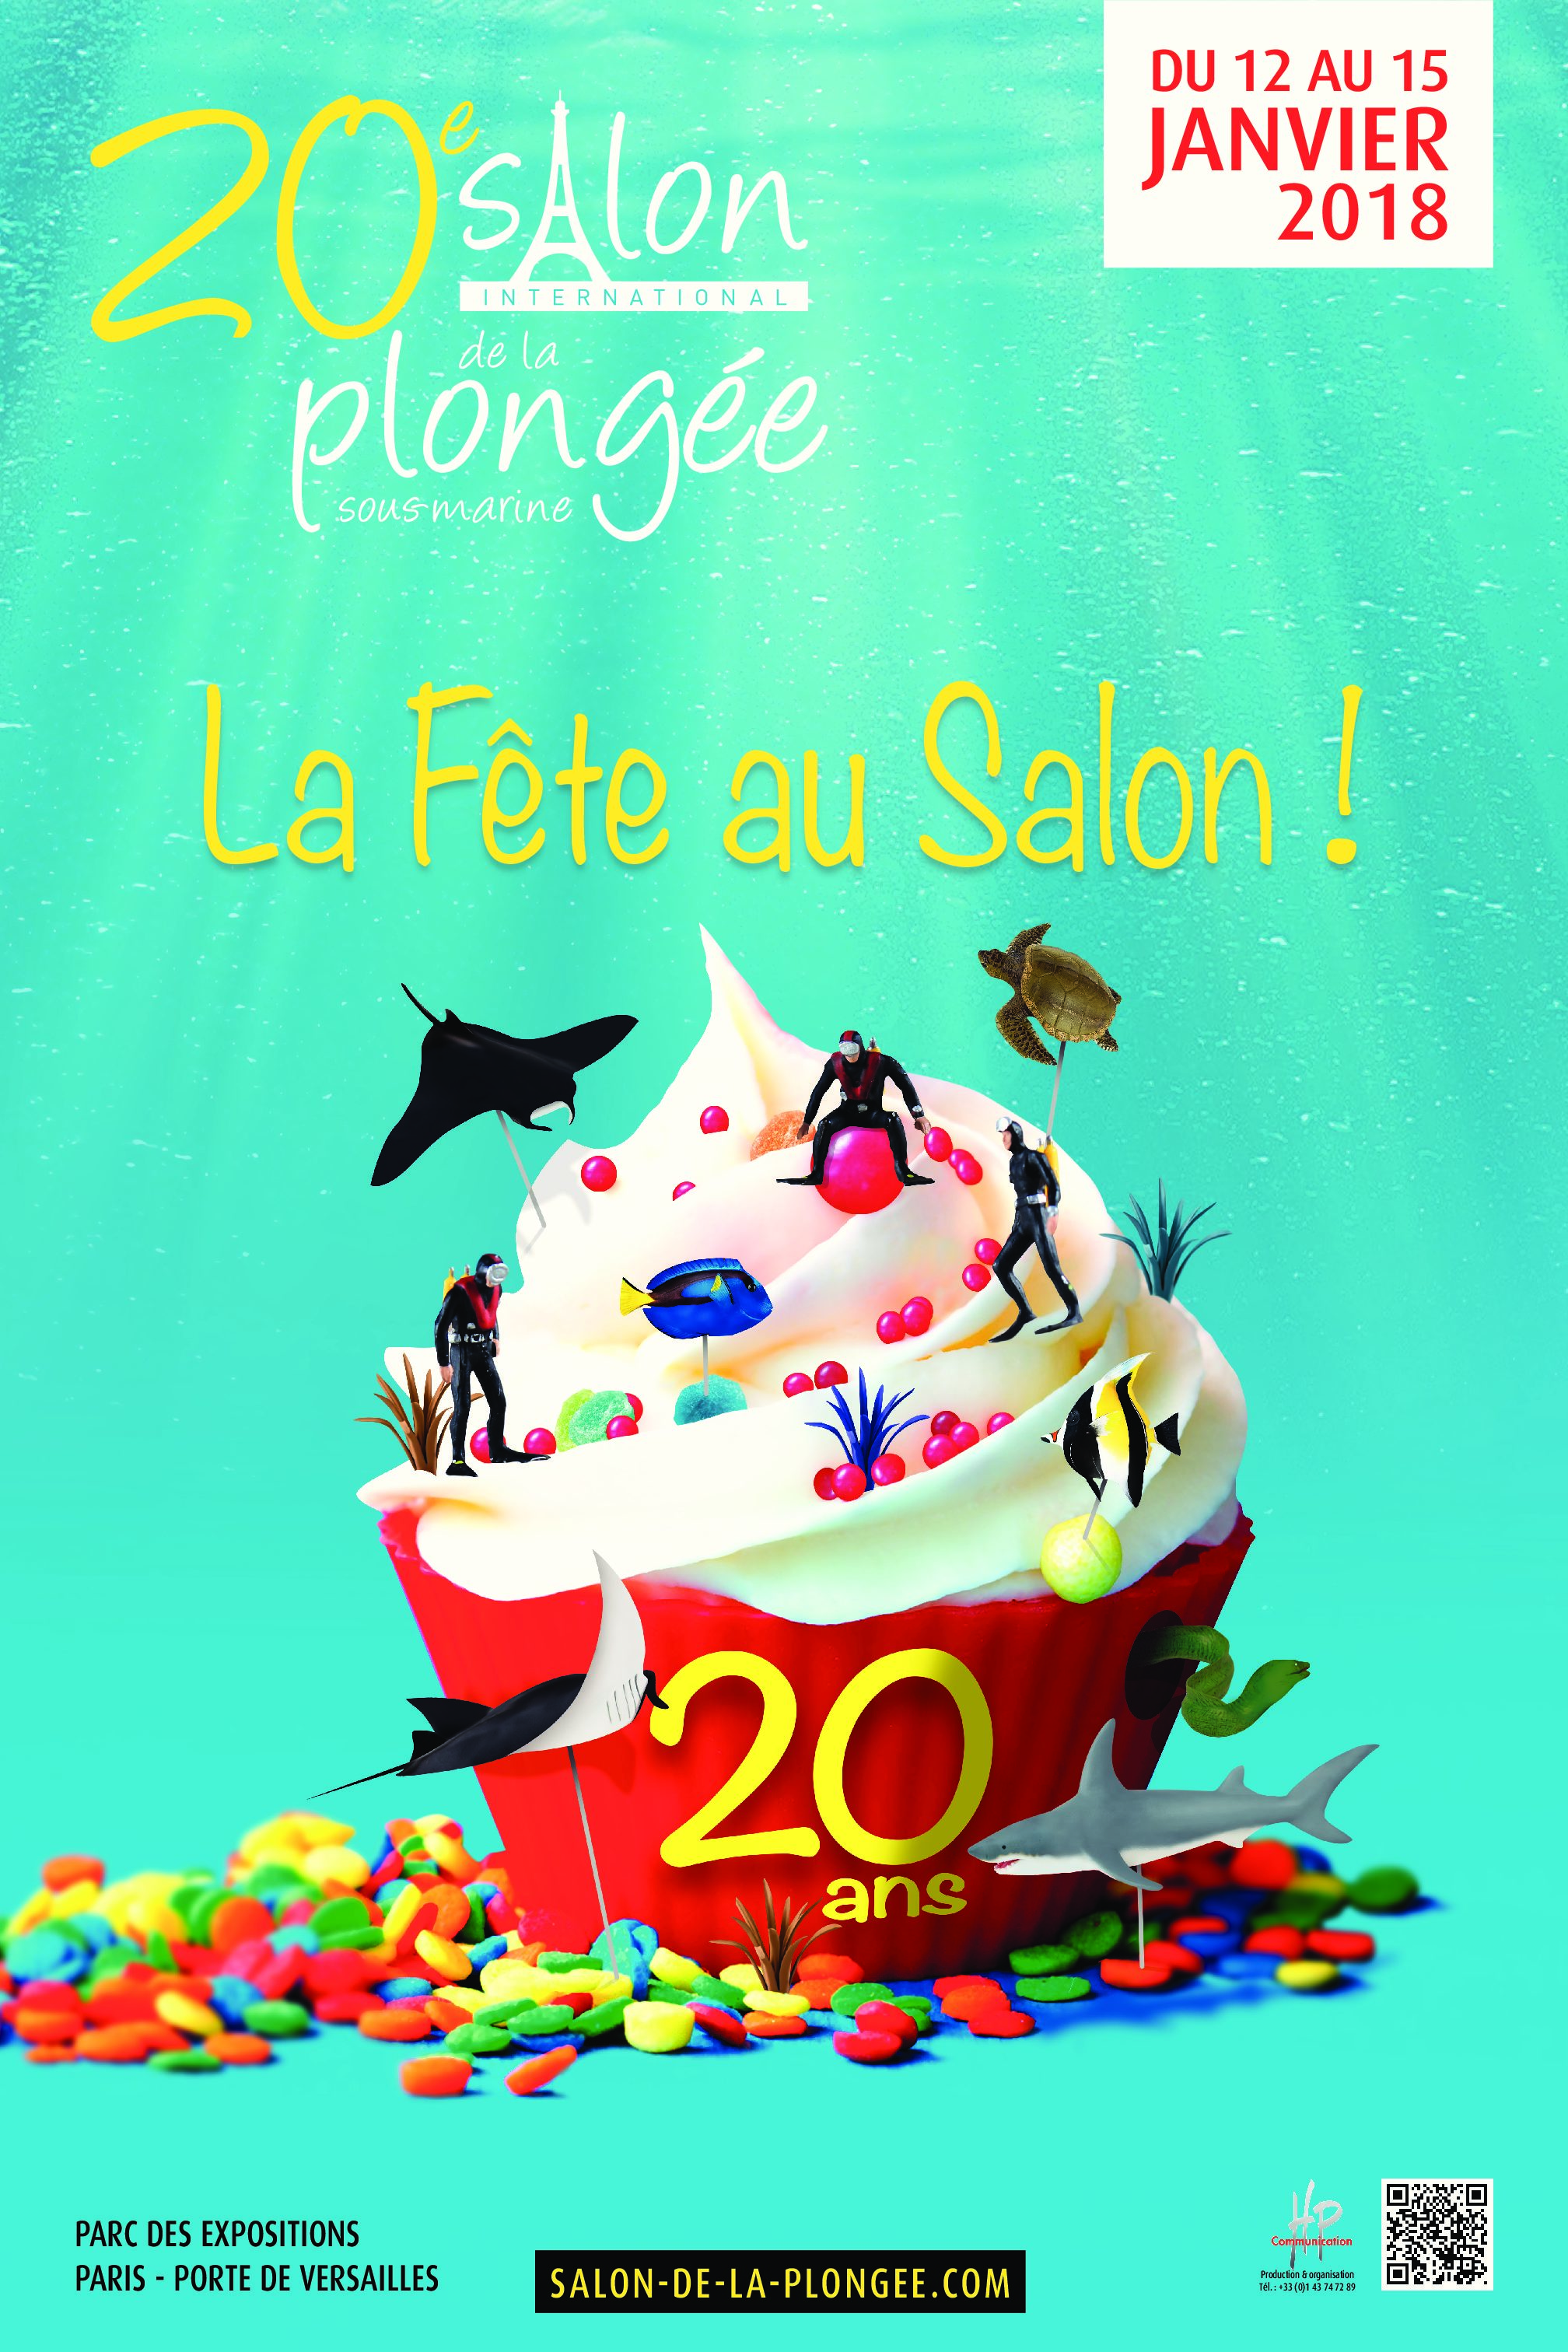 Salon de la plongée 2018 – 12 au 15 Janvier 2018 à Paris Porte de Versailles